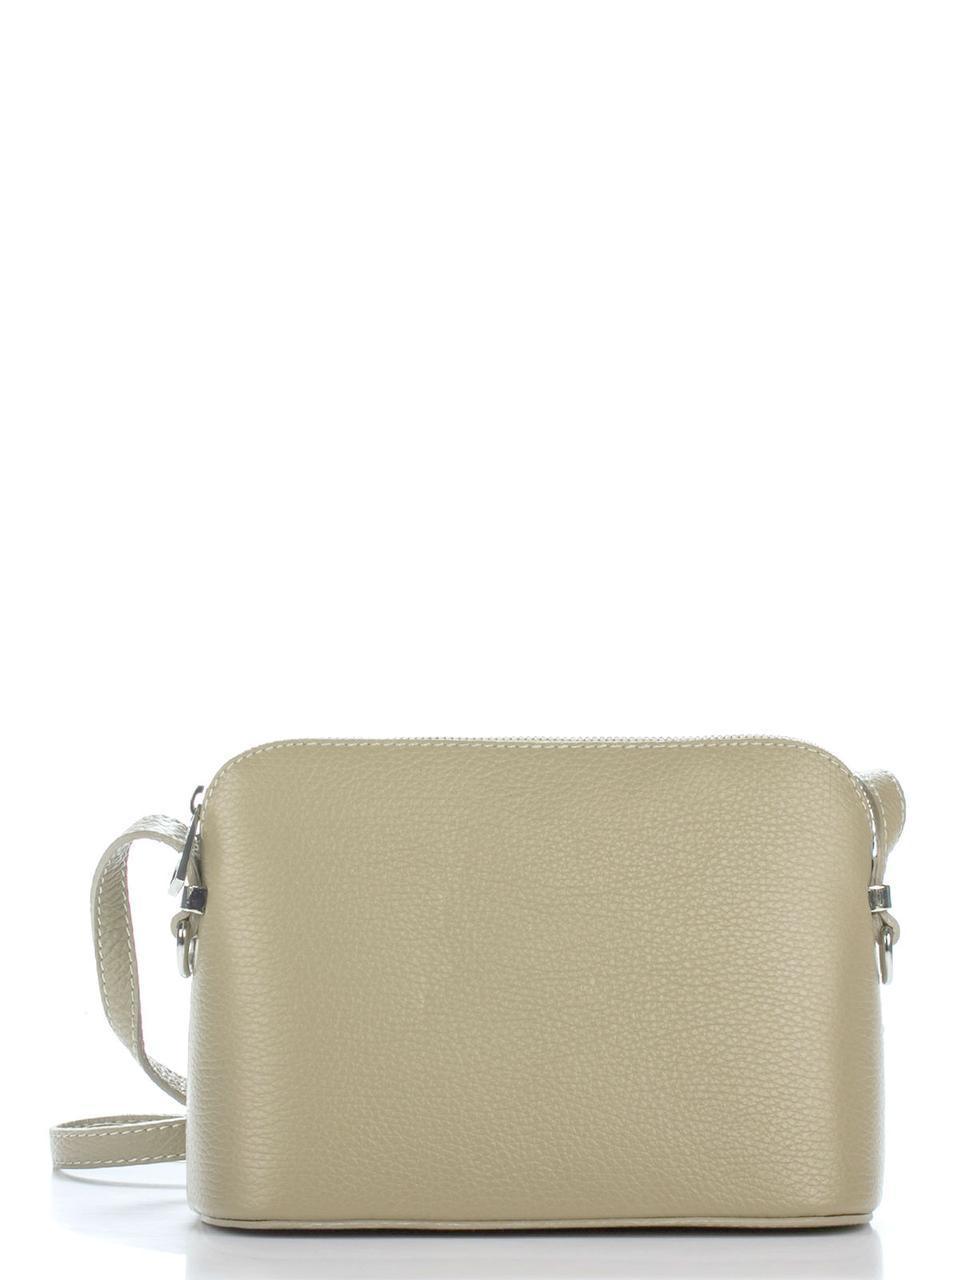 Женская кожаная сумка VIOLETTA Diva's Bag цвет светло-коричневый